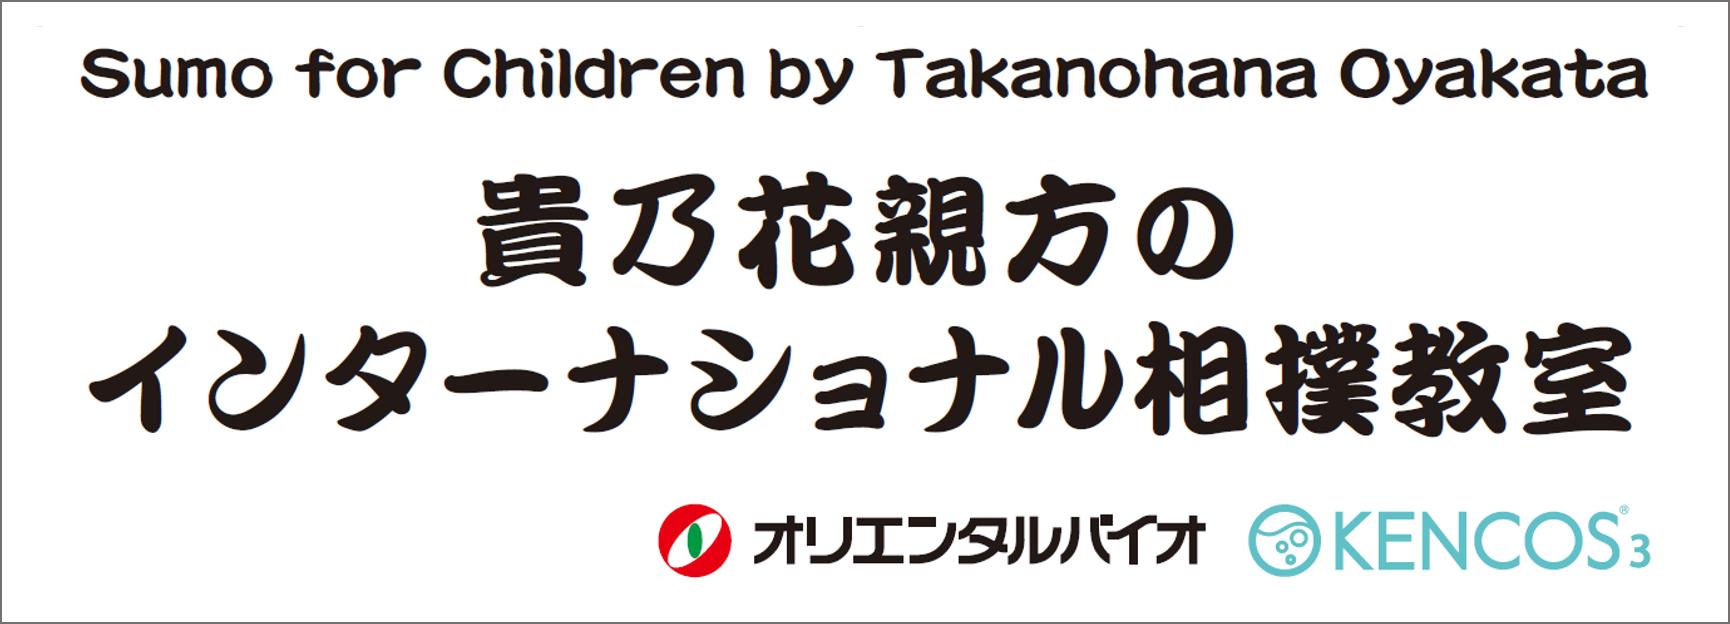 「貴乃花親方のインターナショナル相撲教室」ロゴ